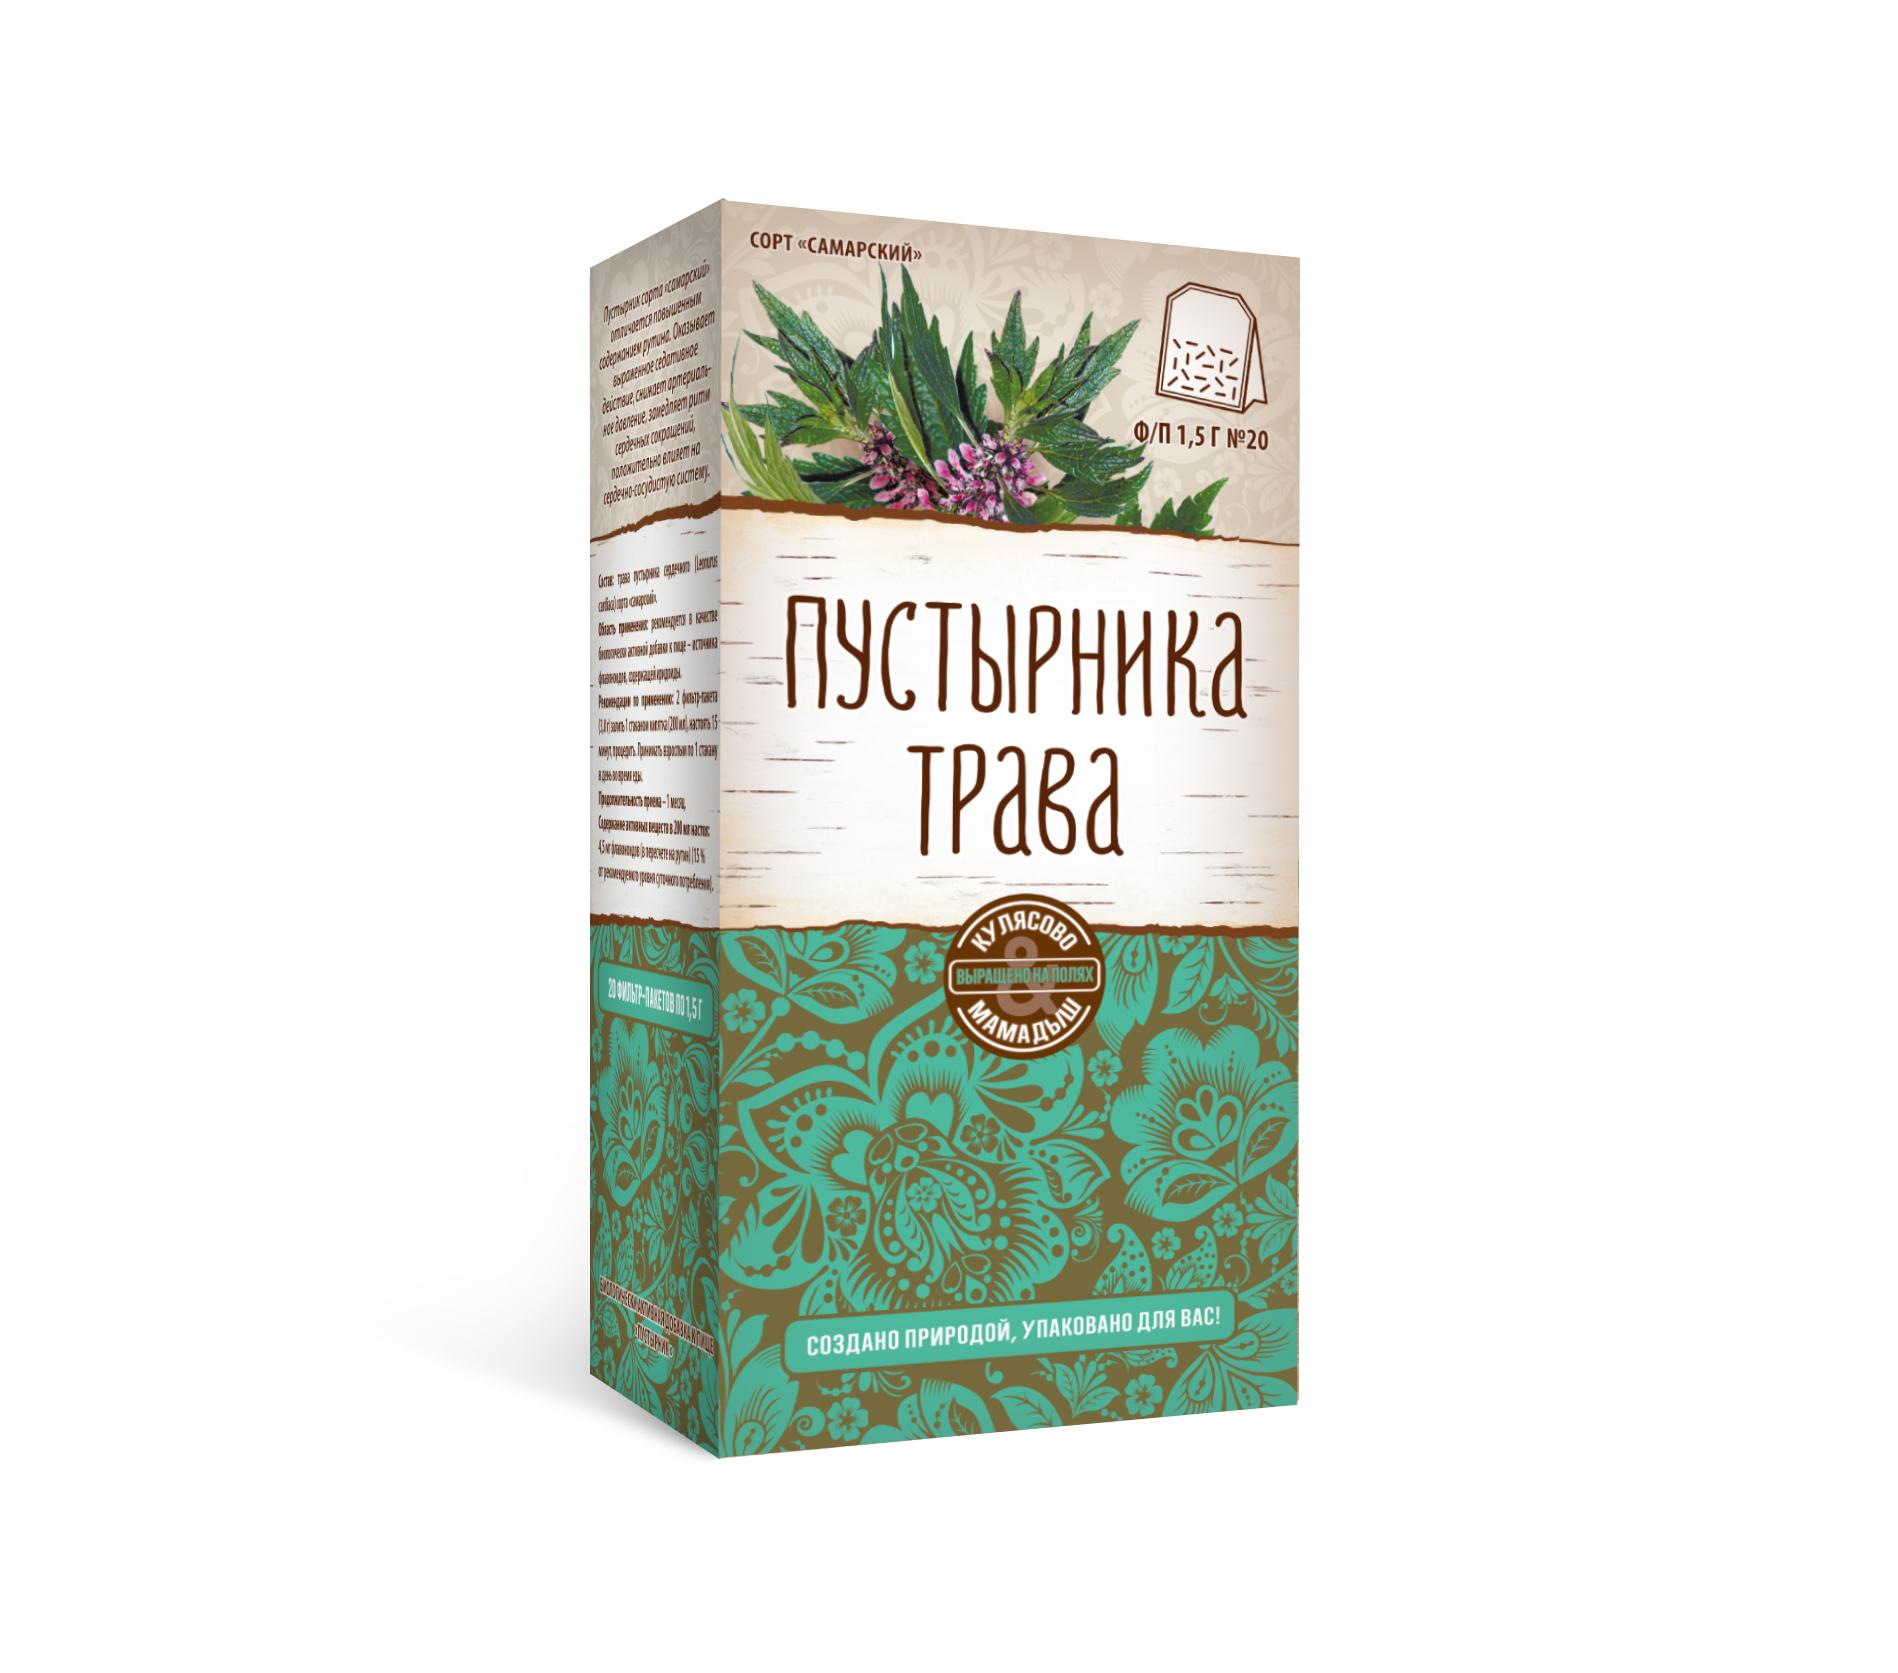 Пустырника трава (фильтр-пакеты): описание, инструкция по применению